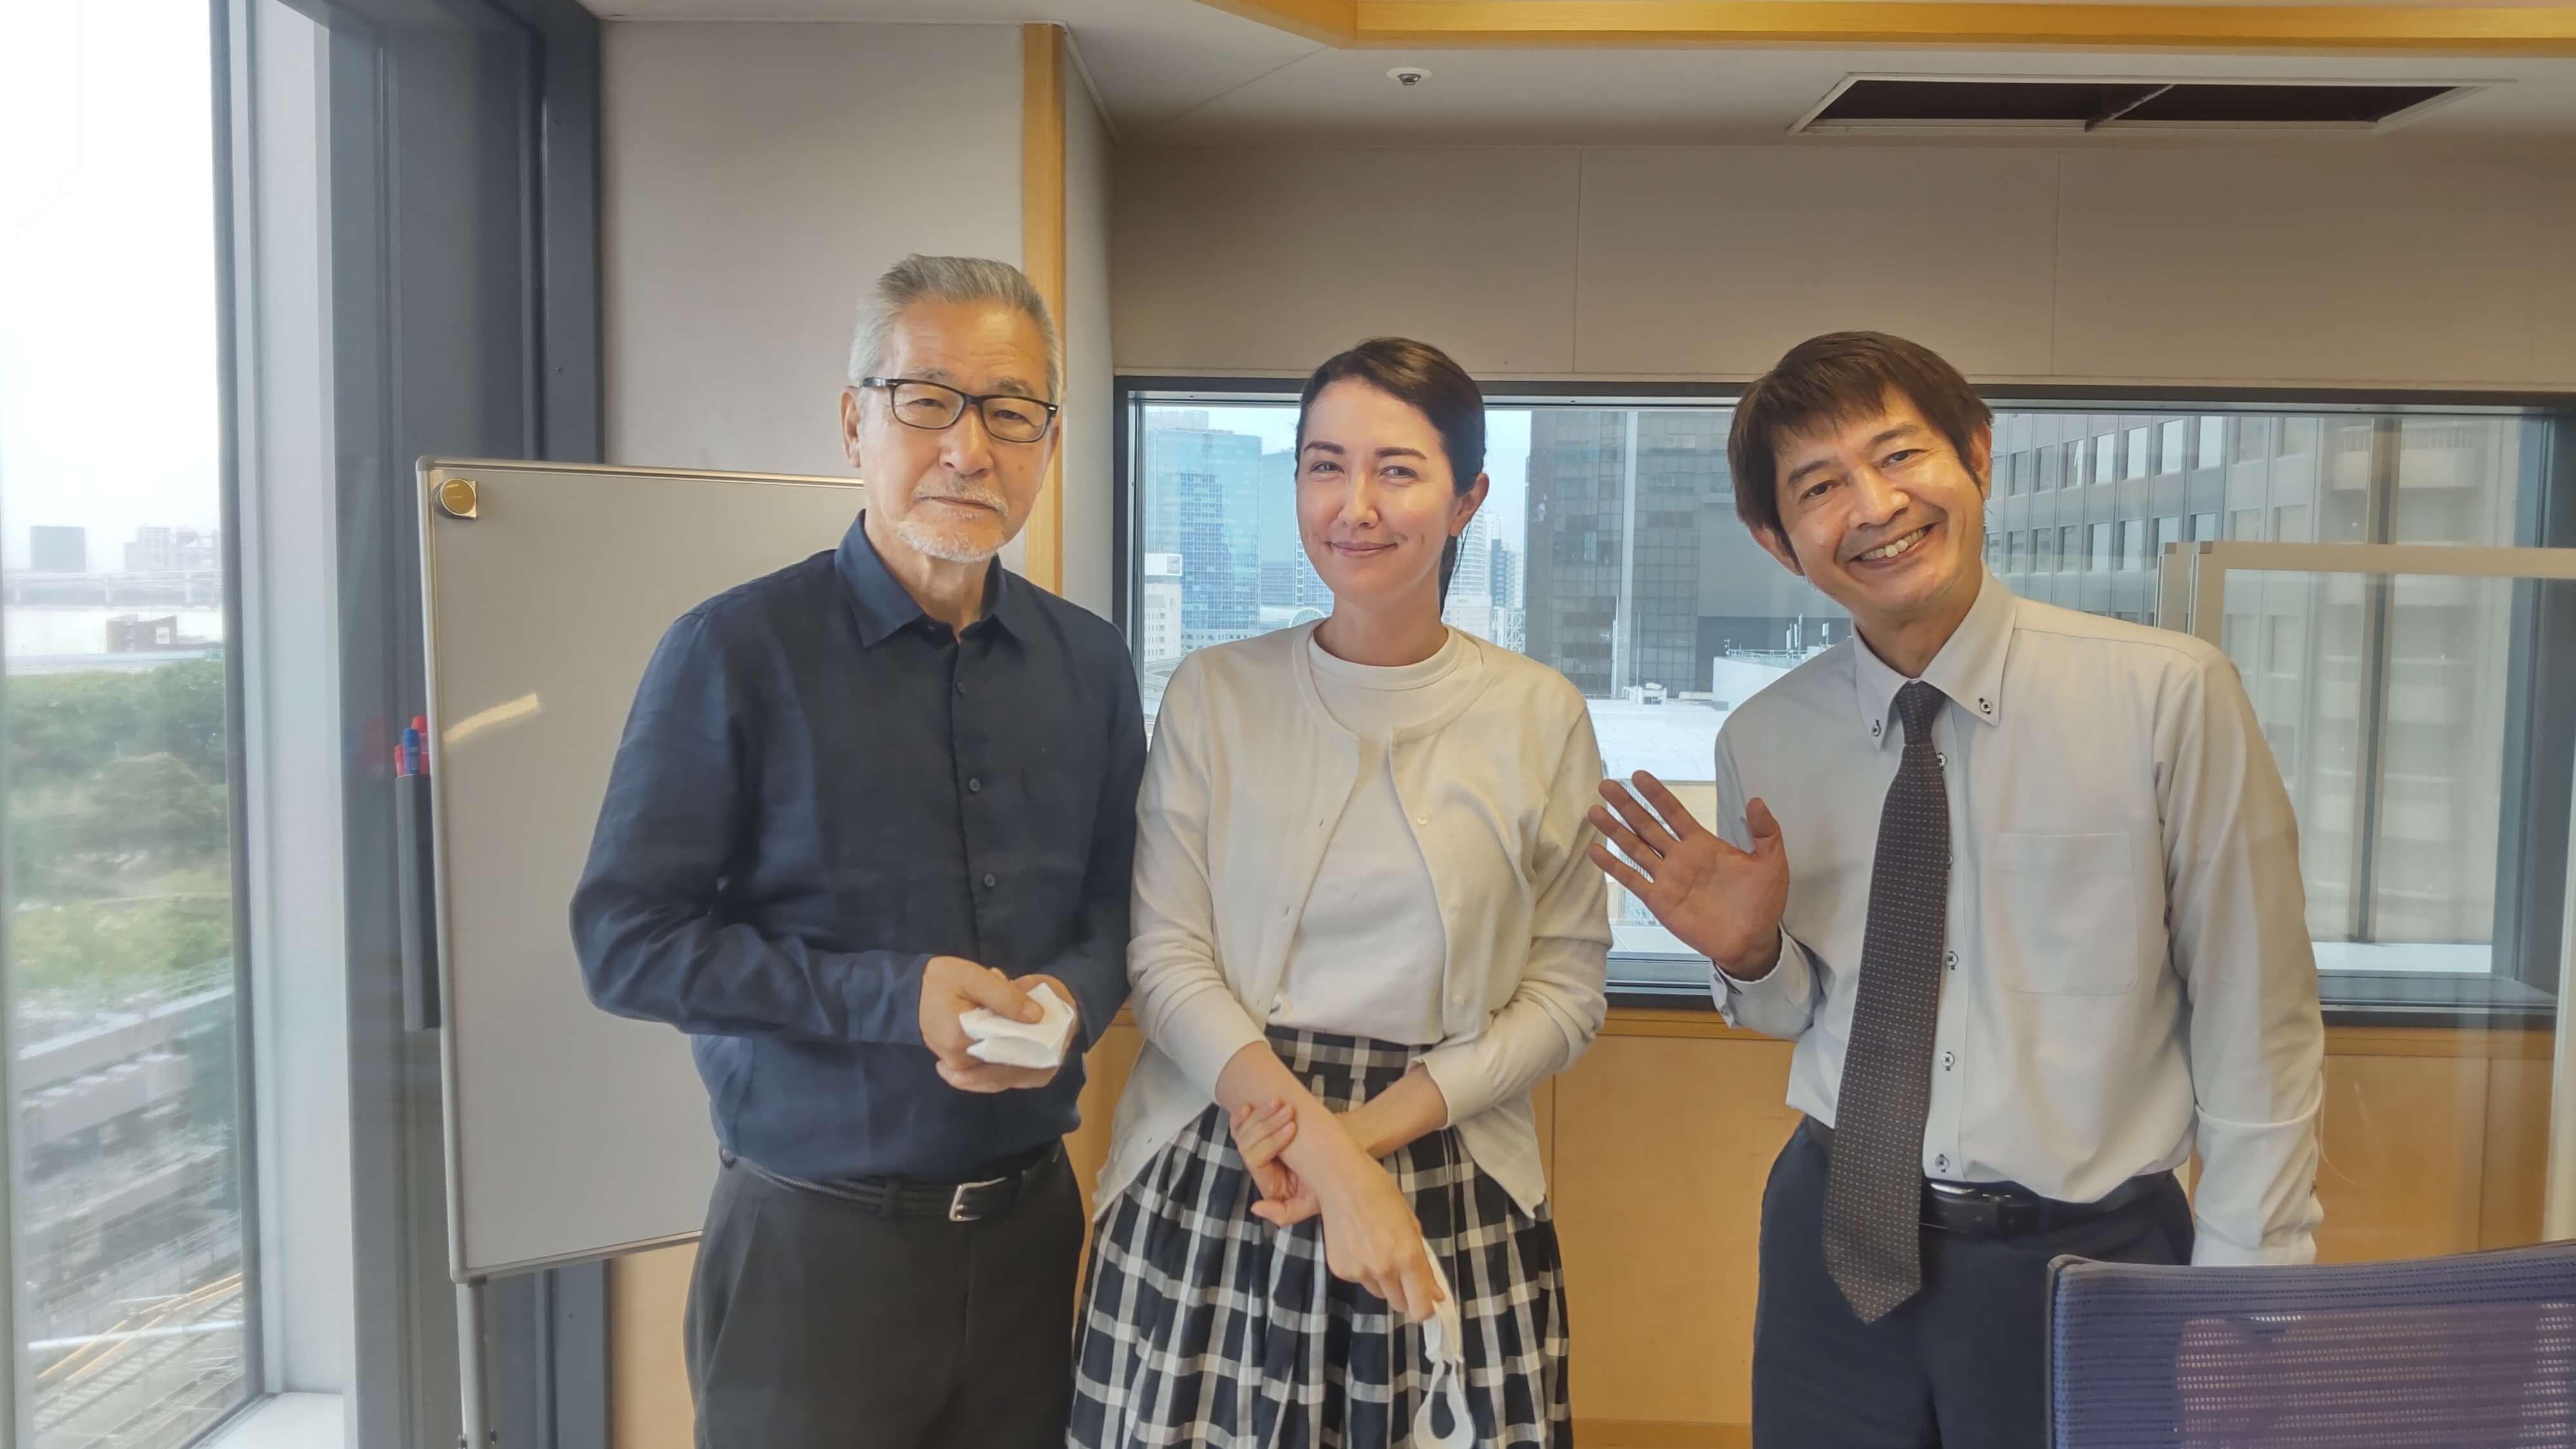 番組15年目突入スペシャルゲストは初代火曜パートナーの山本モナさん!大竹メインディッシュに久々登場!